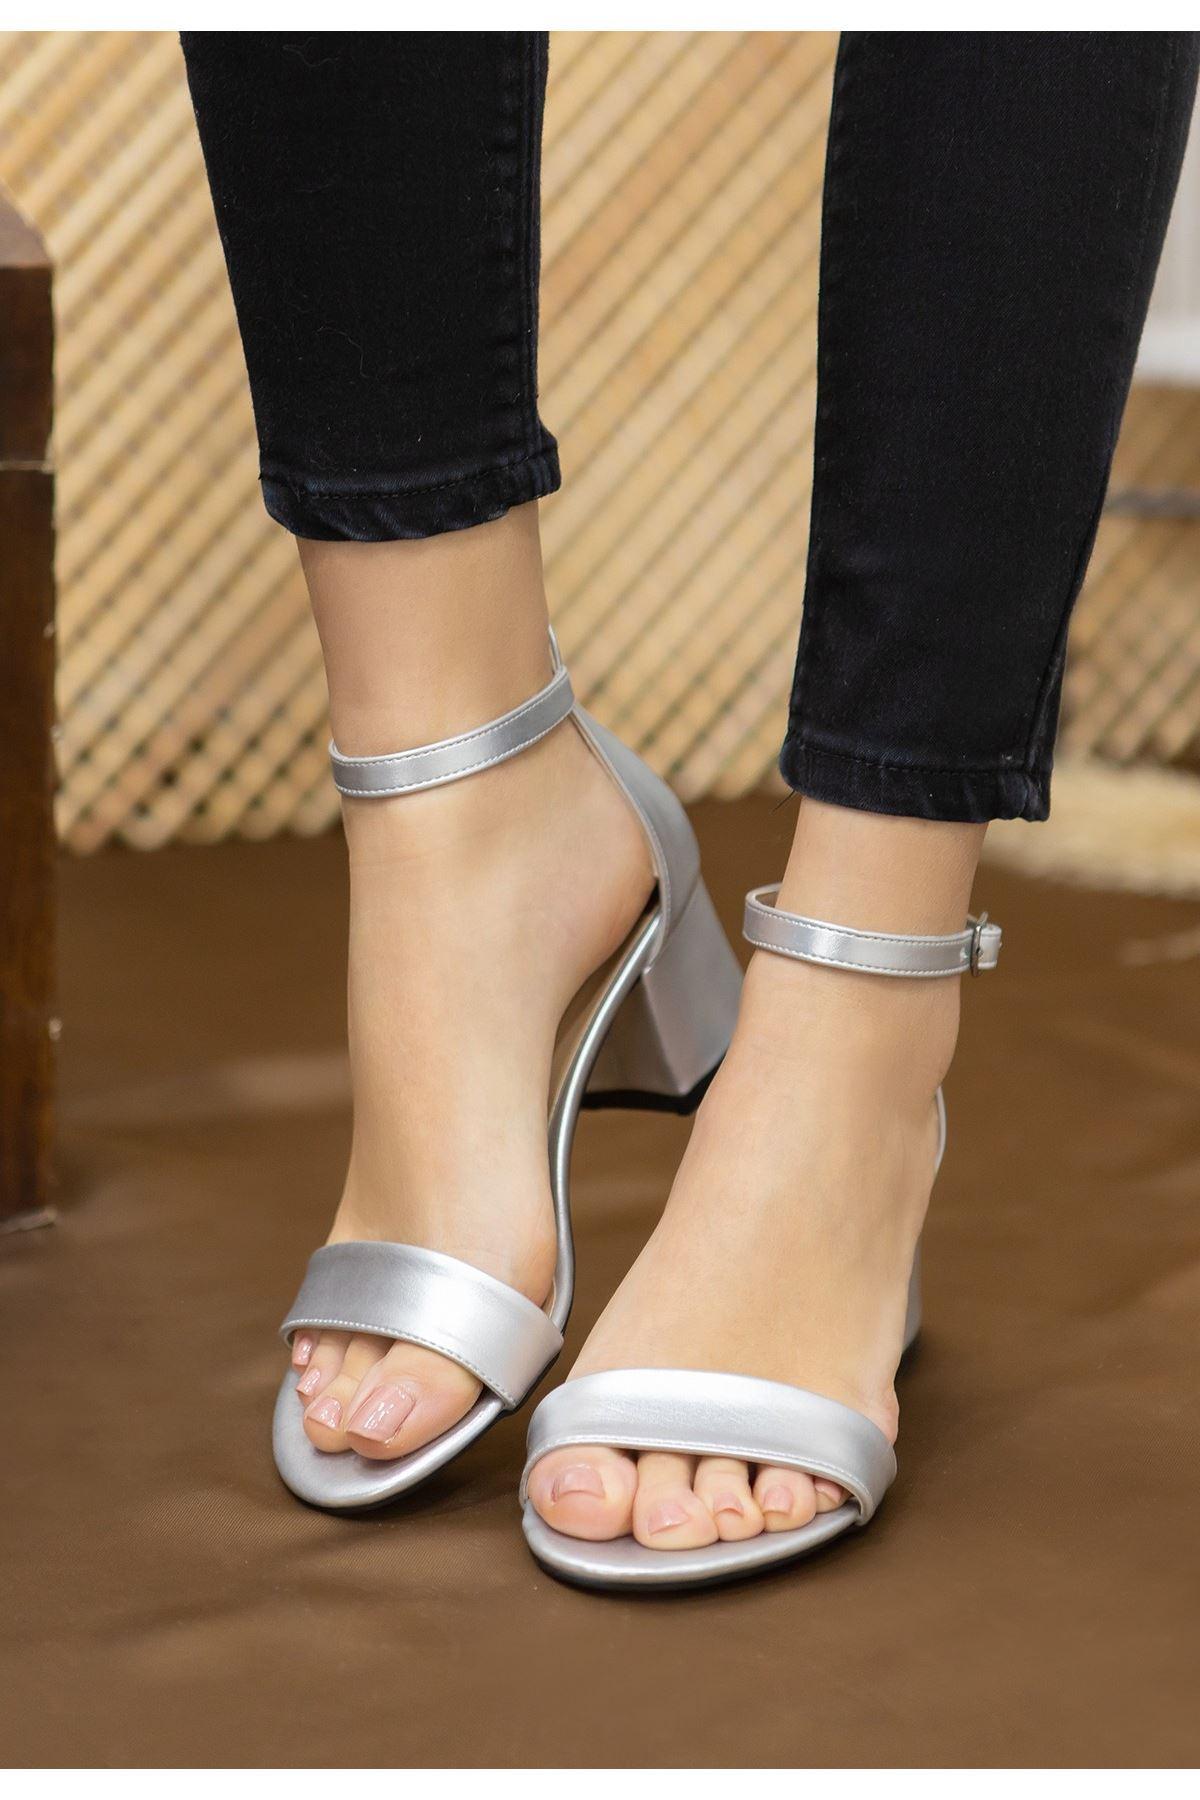 Epon Gümüş Cilt Tek Bant Topuklu Ayakkabı